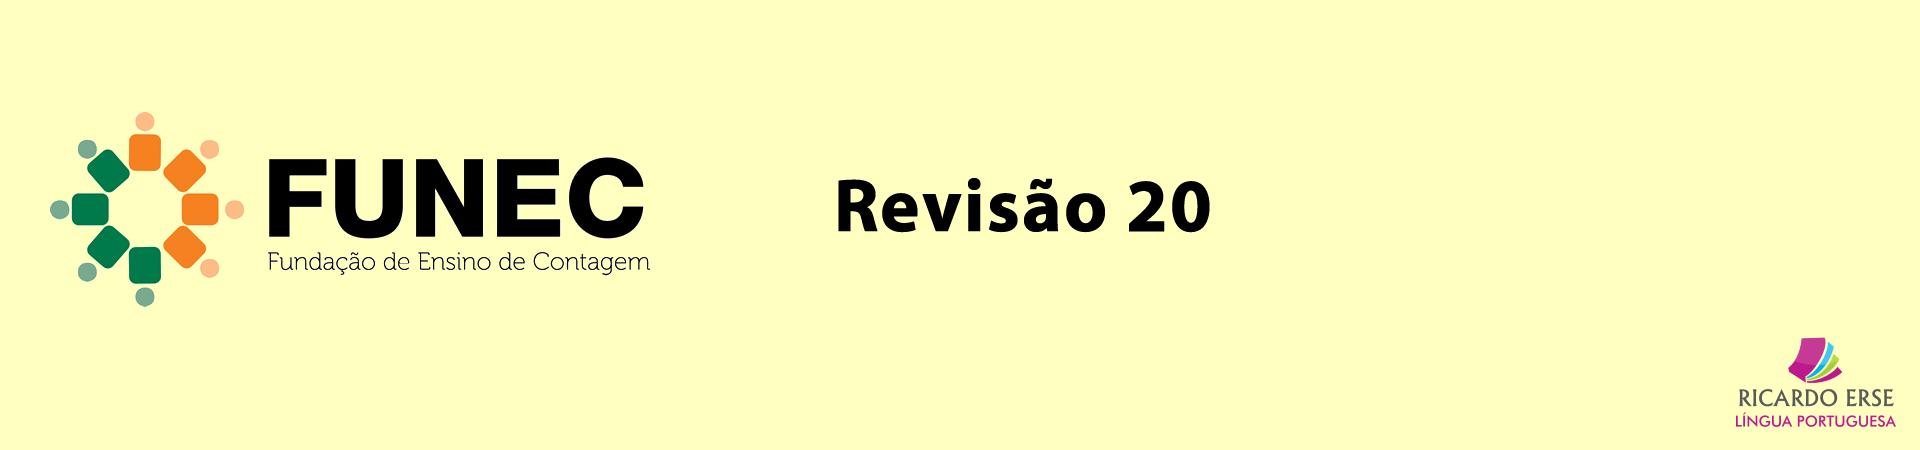 Revisão 20 - FUNEC